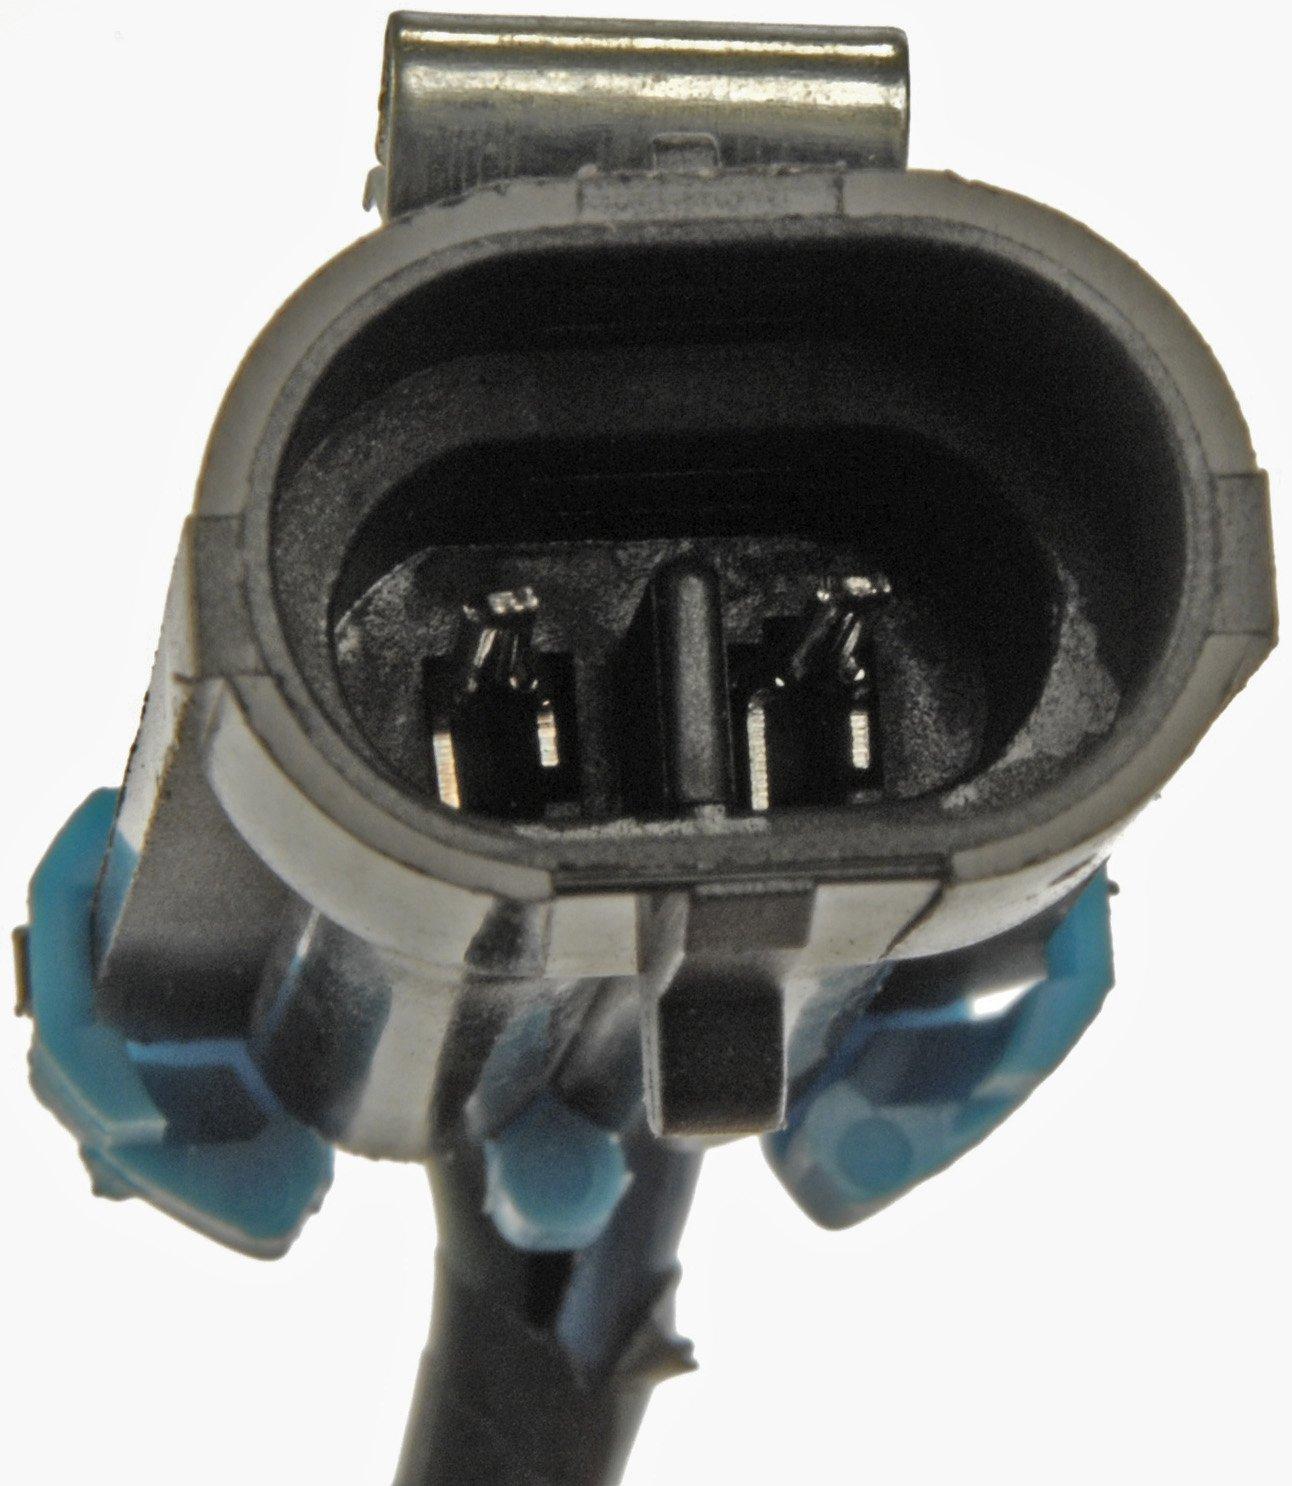 Dorman 917 033 Knock Sensor Harness Automotive 2001 Chevy Silverado Wiring Diagram Free Download